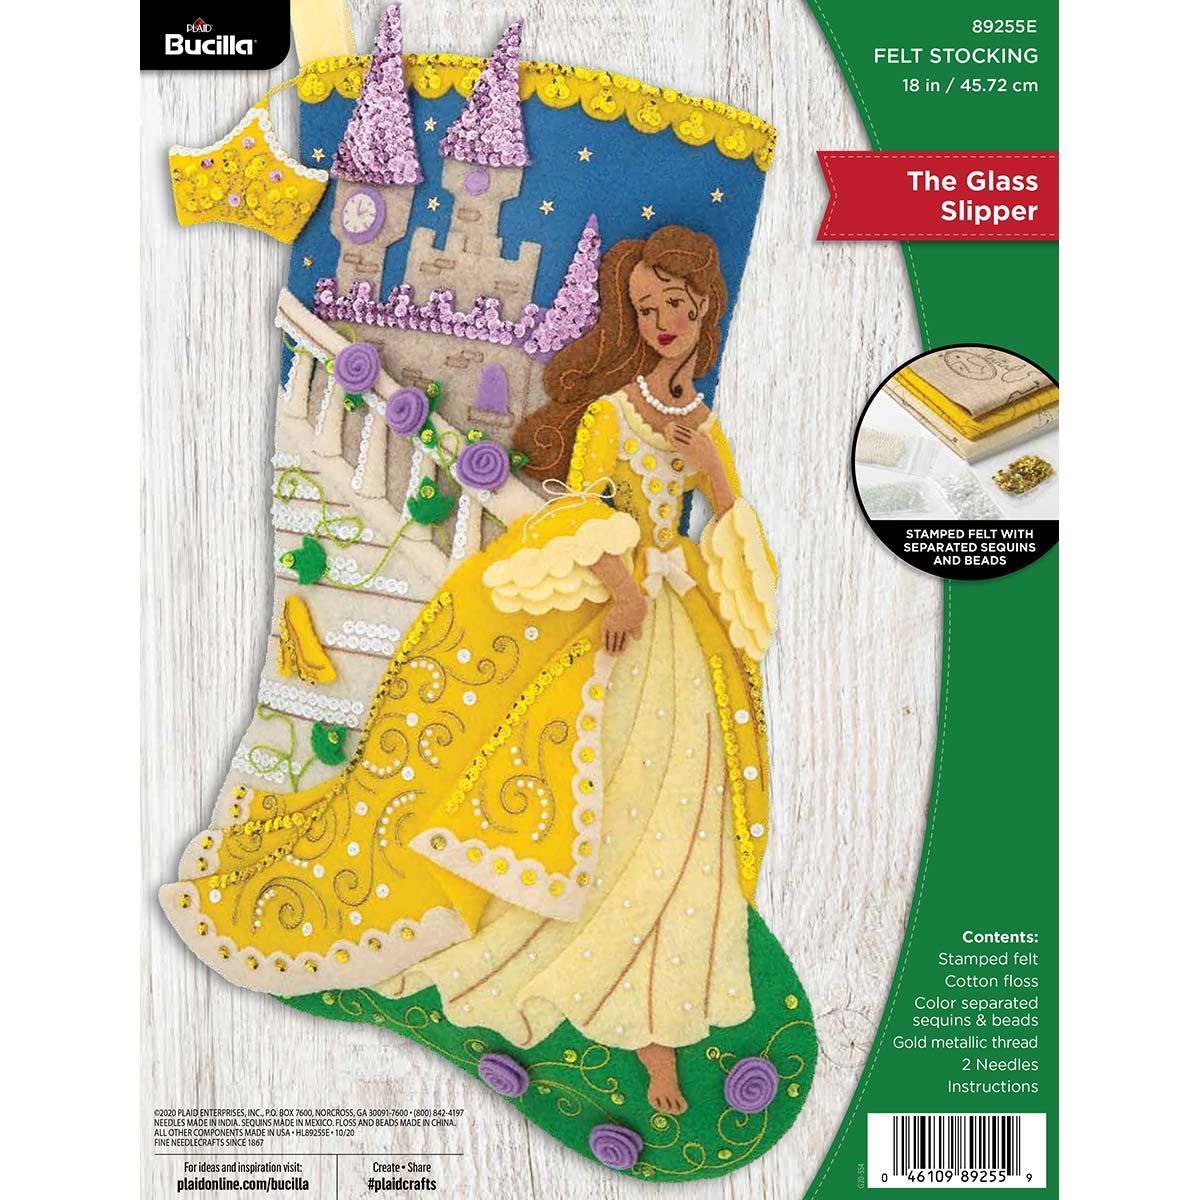 Bucilla ® Seasonal - Felt - Stocking Kits - The Glass Slipper - 89255E